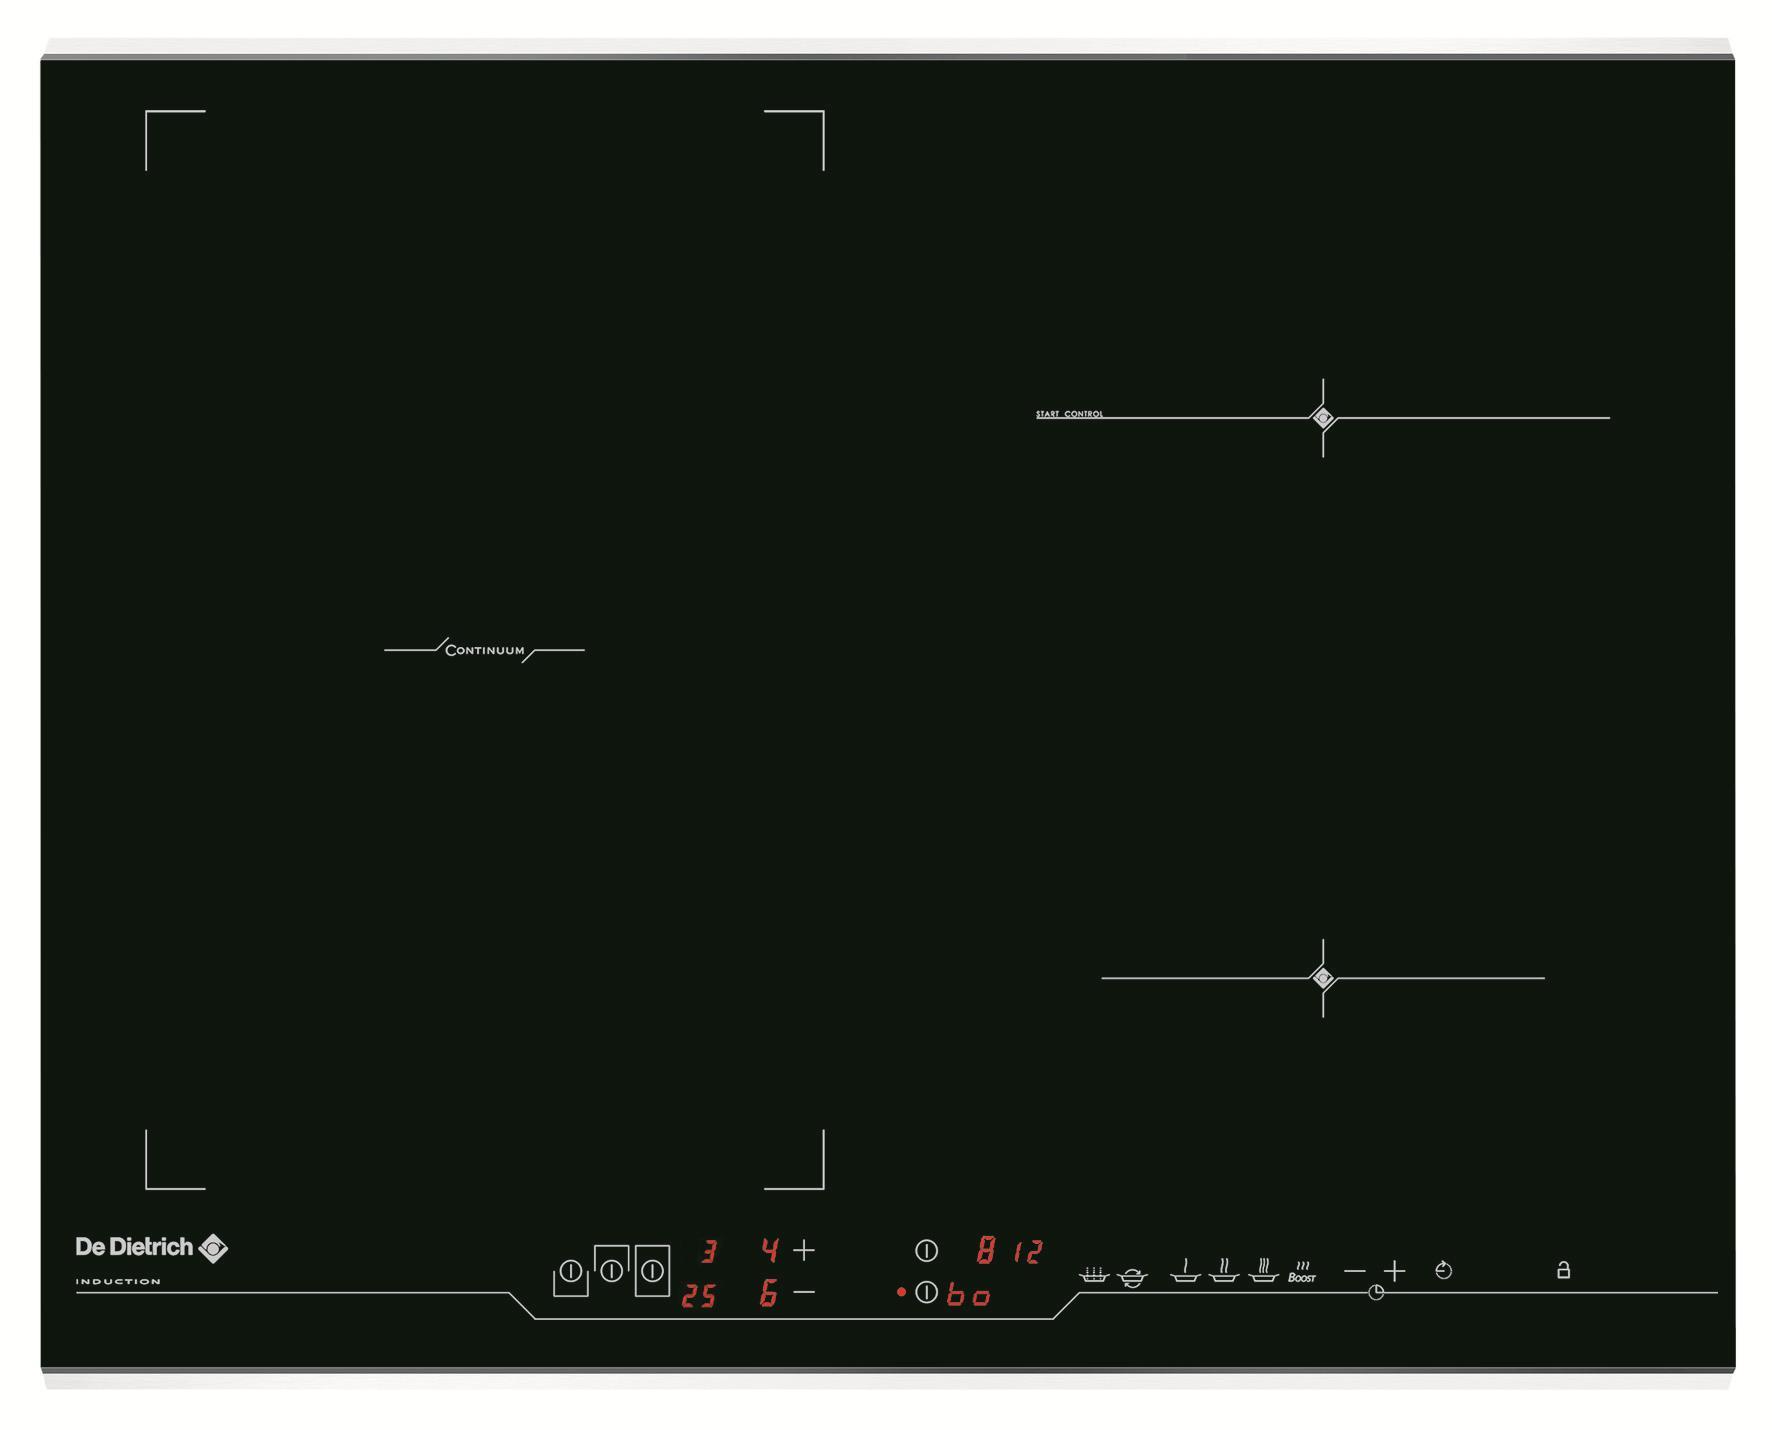 DTI1043X - DeDietrich